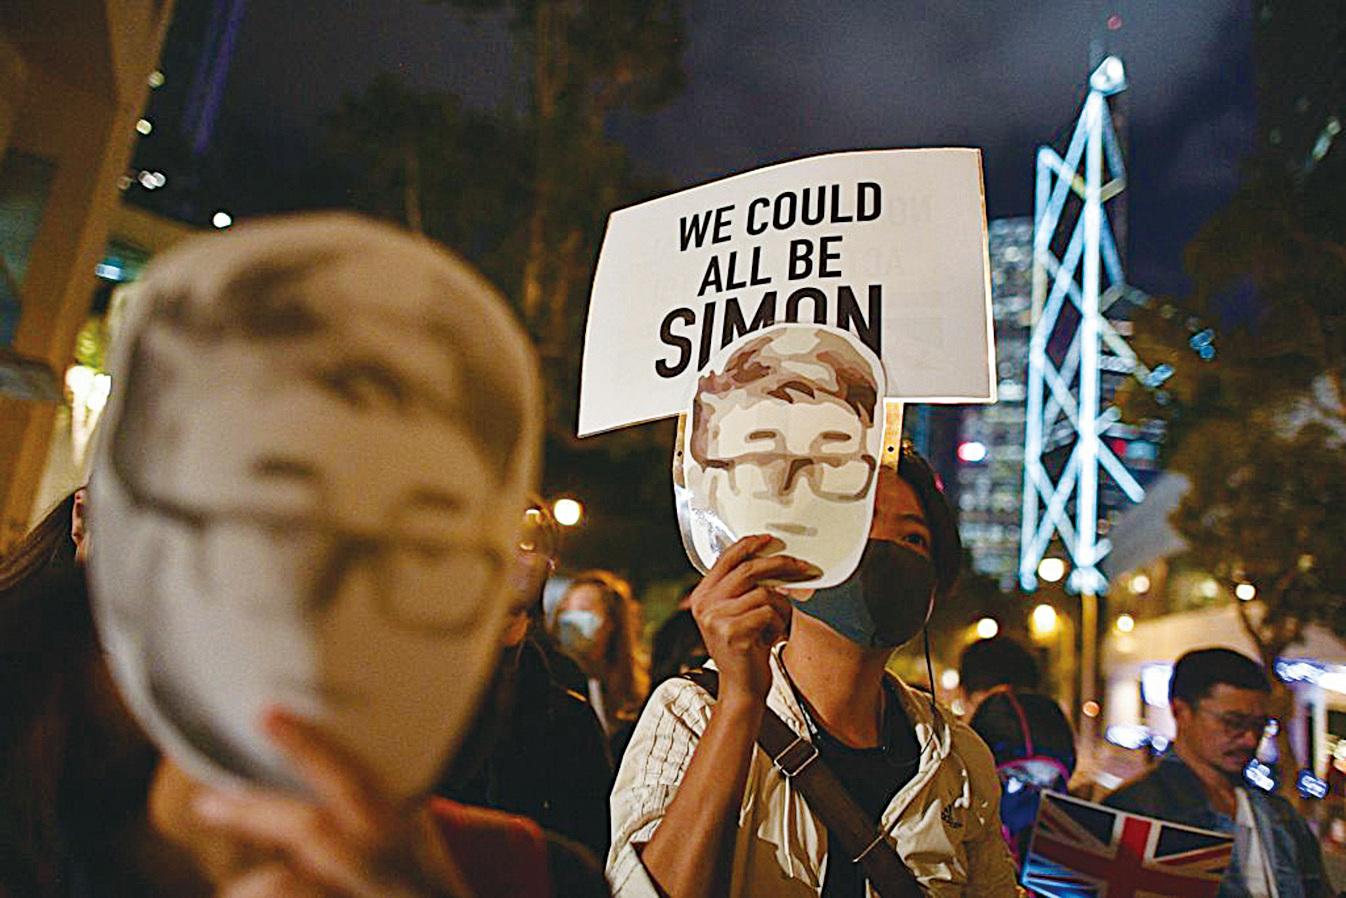 2019年11月29日,港人舉行聲援鄭文傑的集會,並向英國駐香港總領事館遞交請願信。(Chris McGrath/Getty)